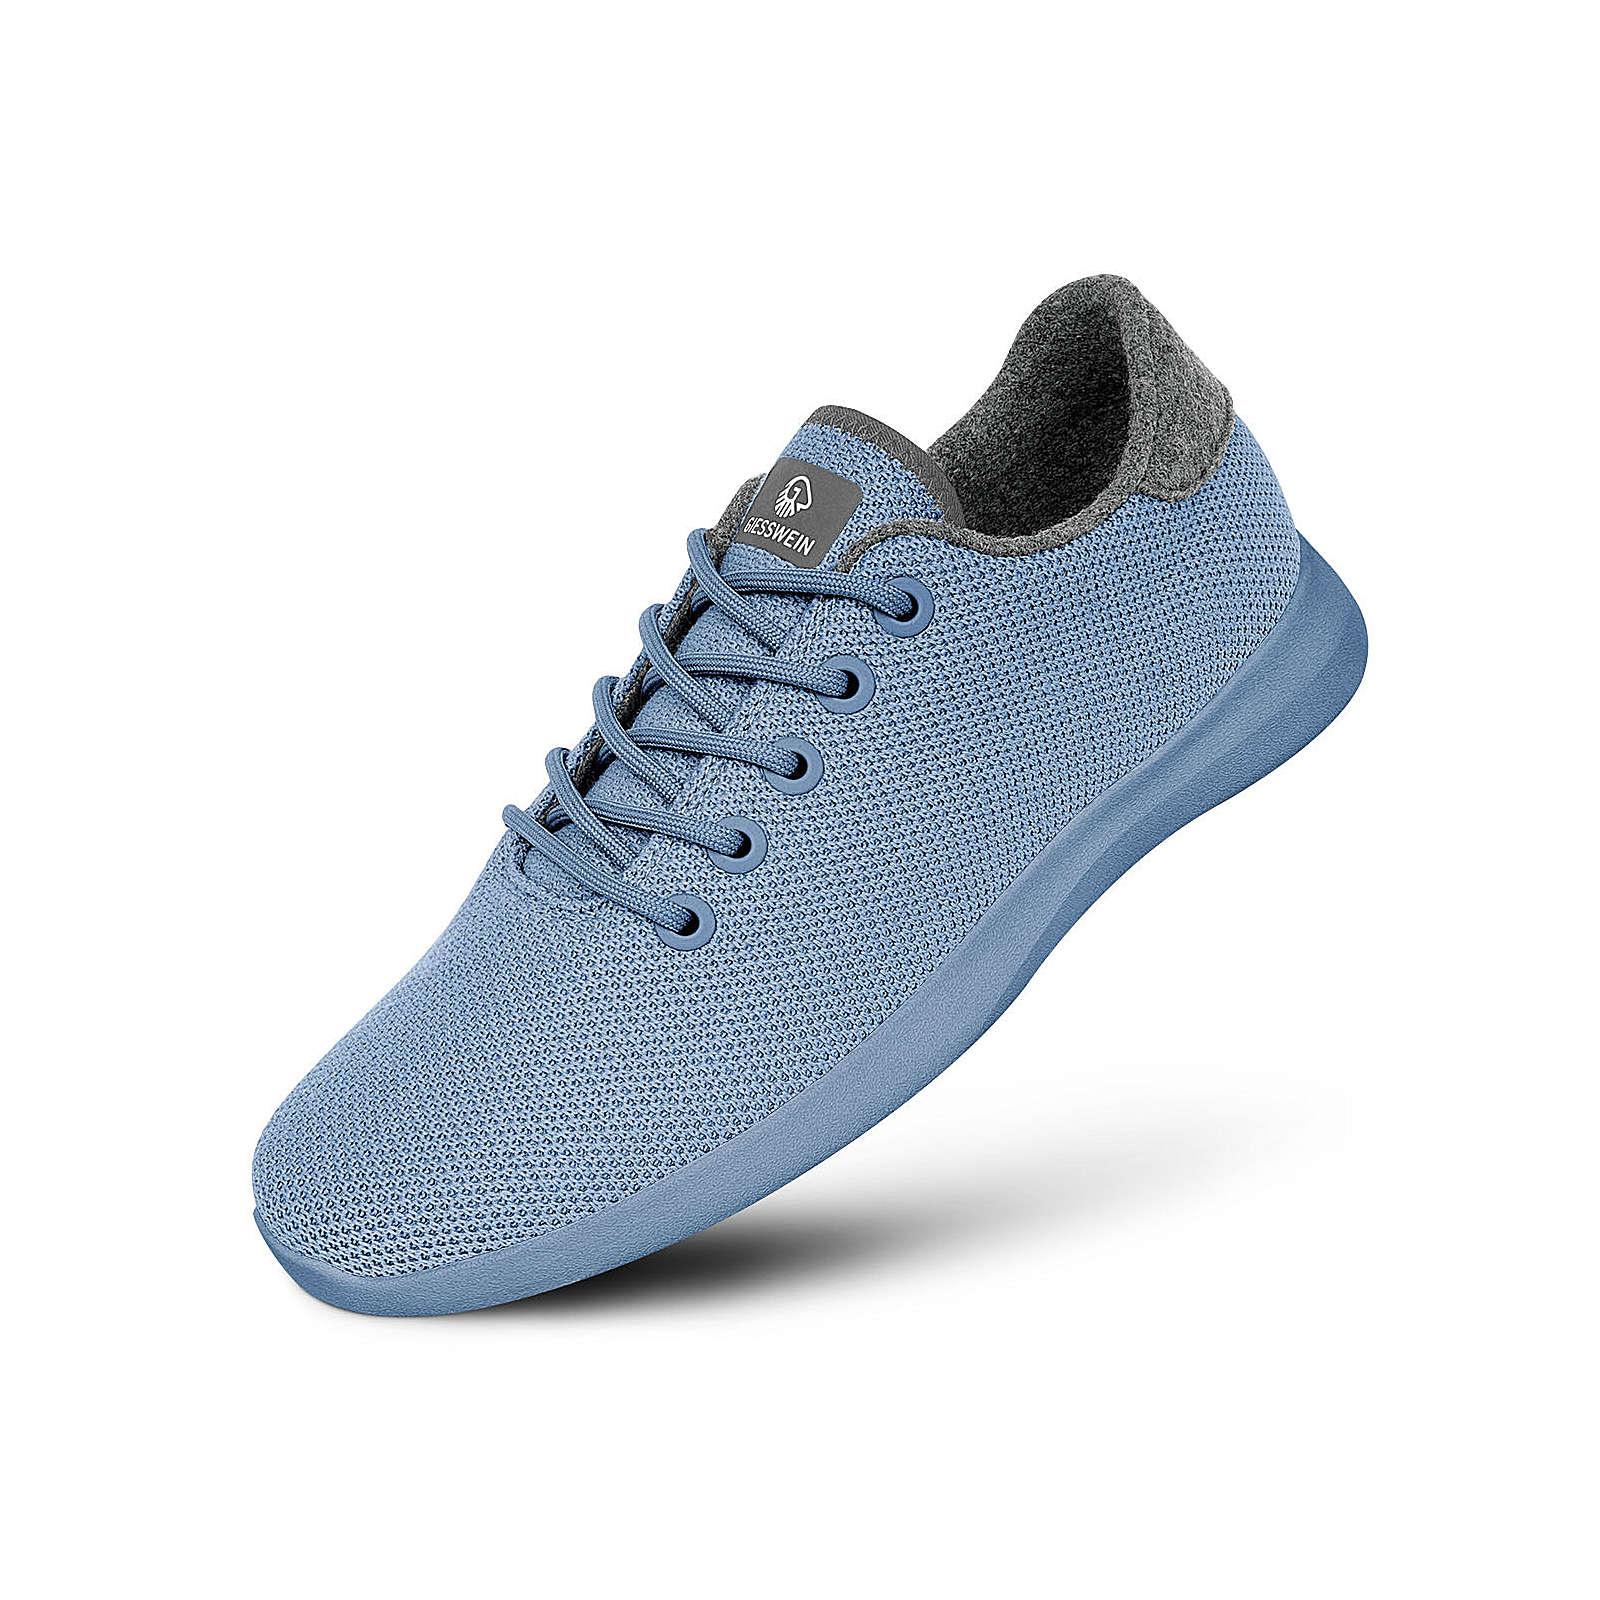 Giesswein Wollsneaker Merino Wool Knit Men Sneakers Low hellblau/creme Herren Gr. 41